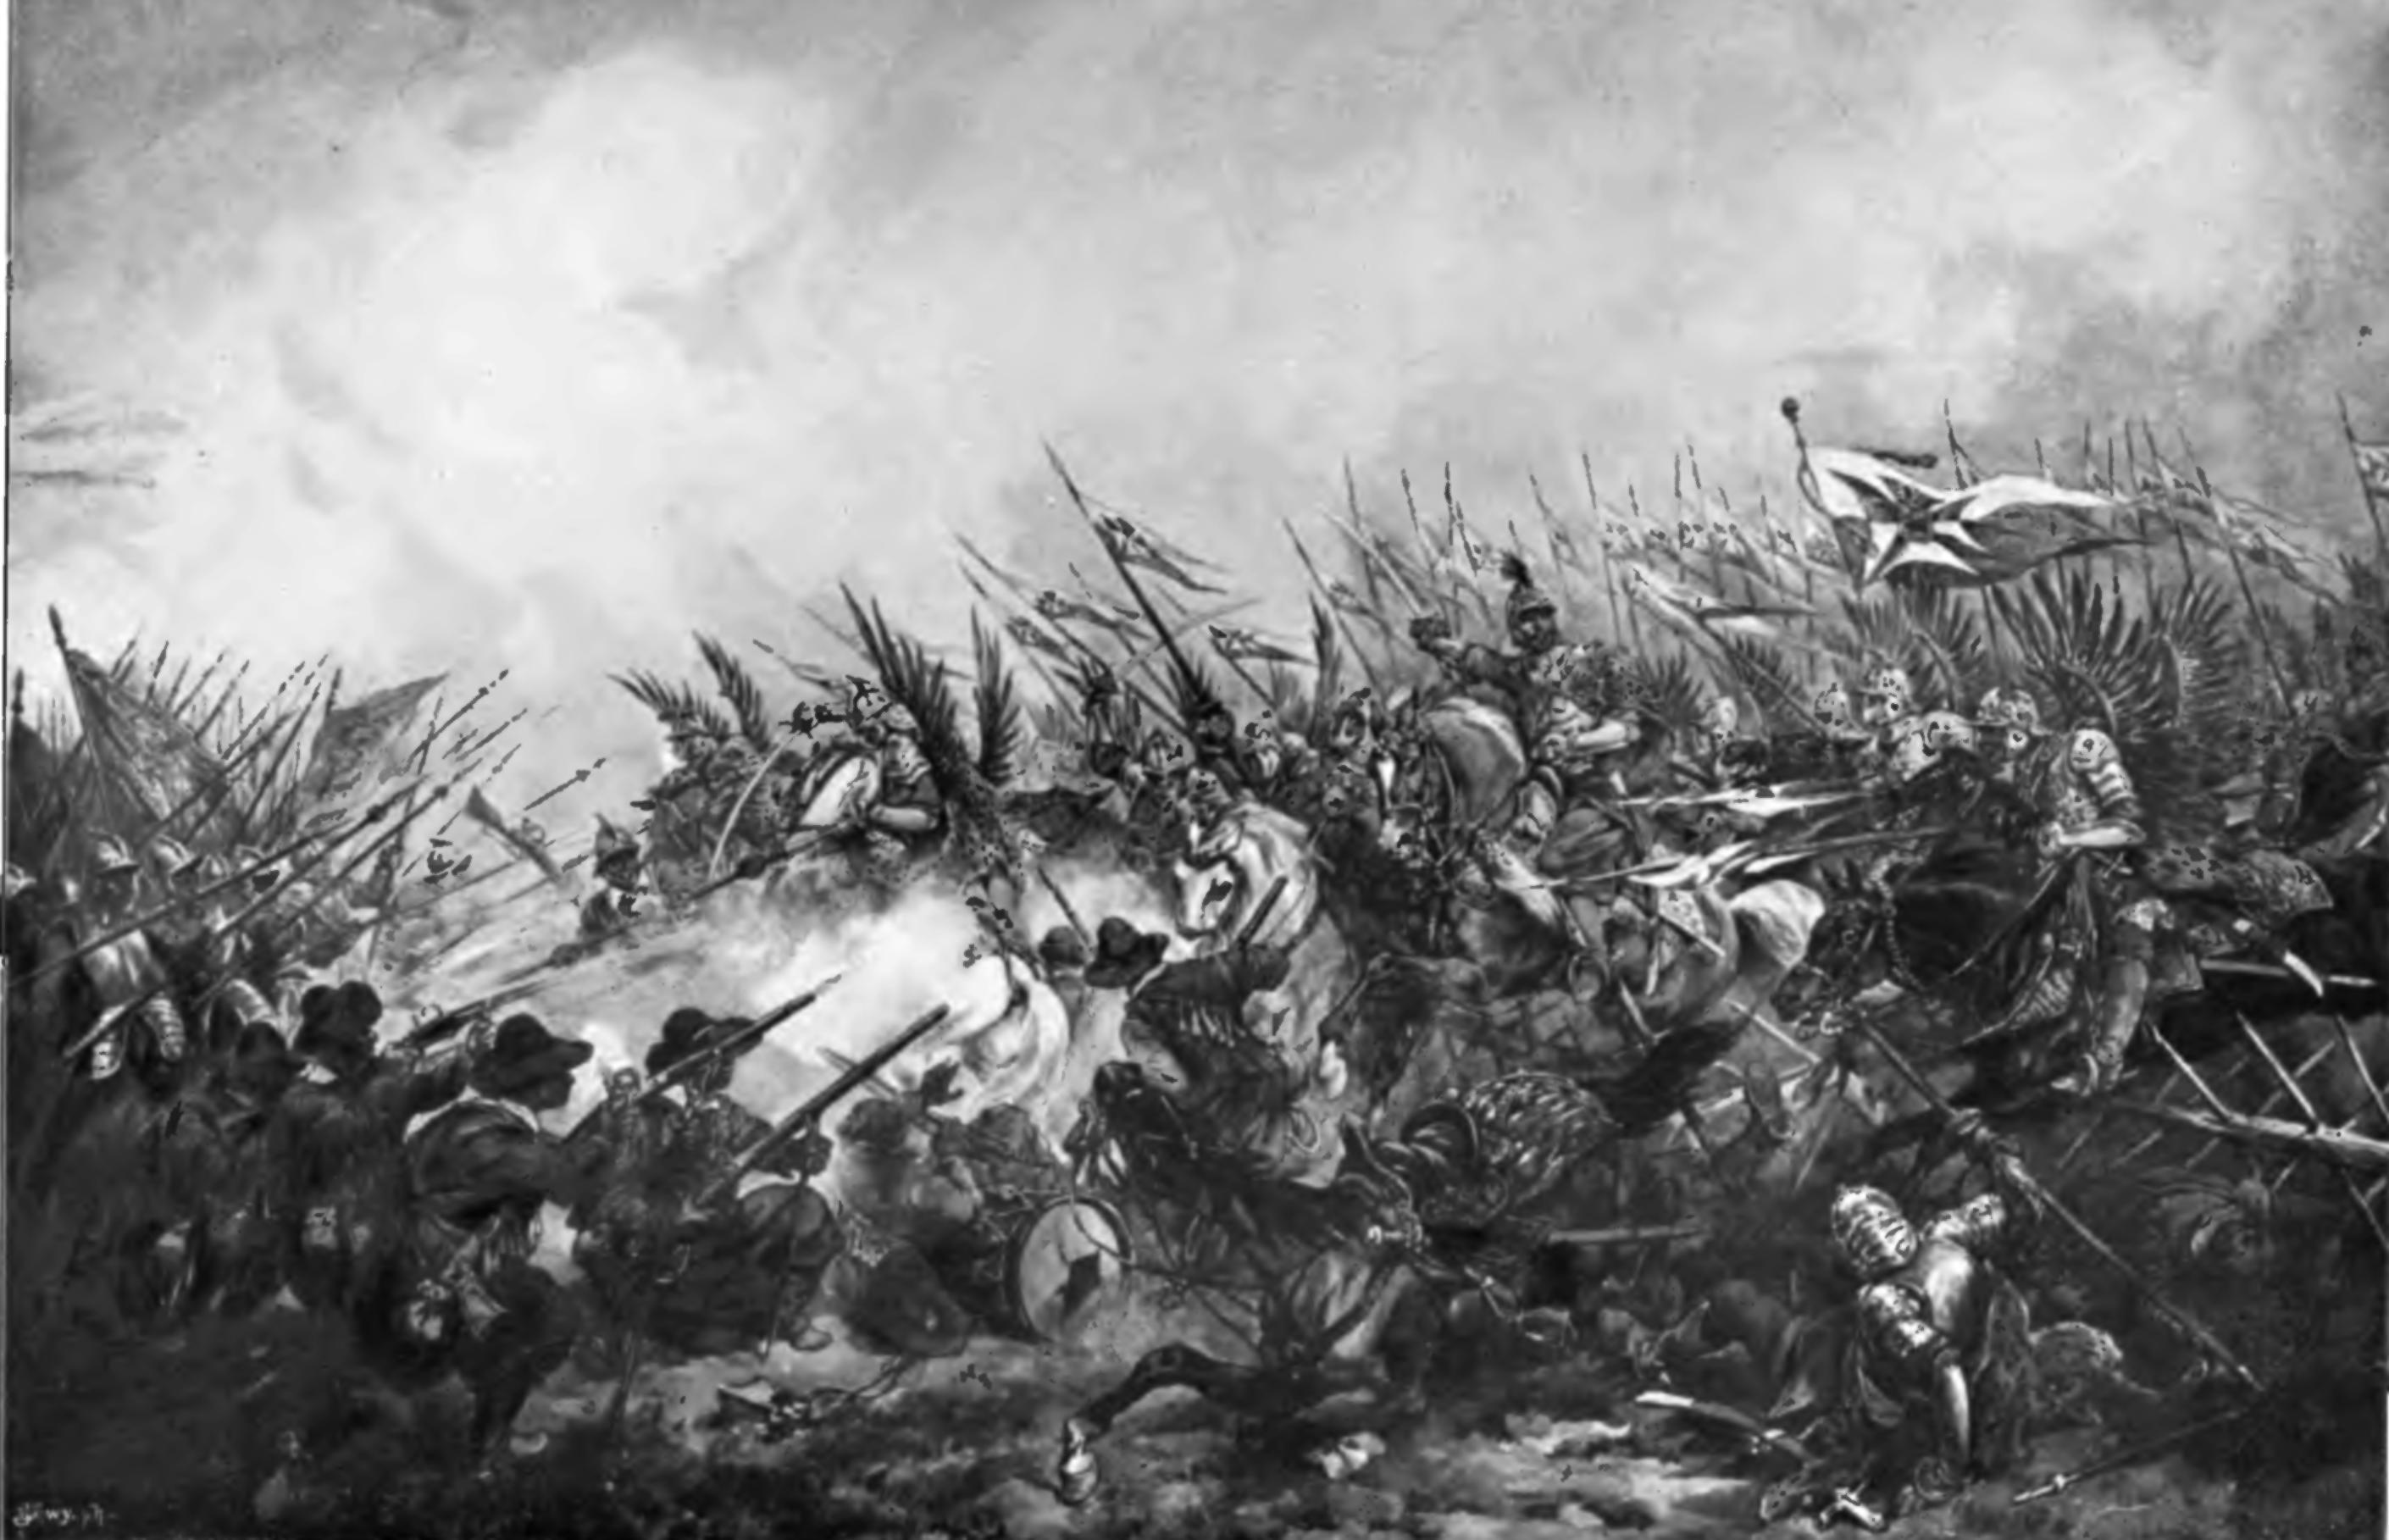 Jan Gniewosz naczele chorągwi husarskiej, dzieło Juliusza Kossaka